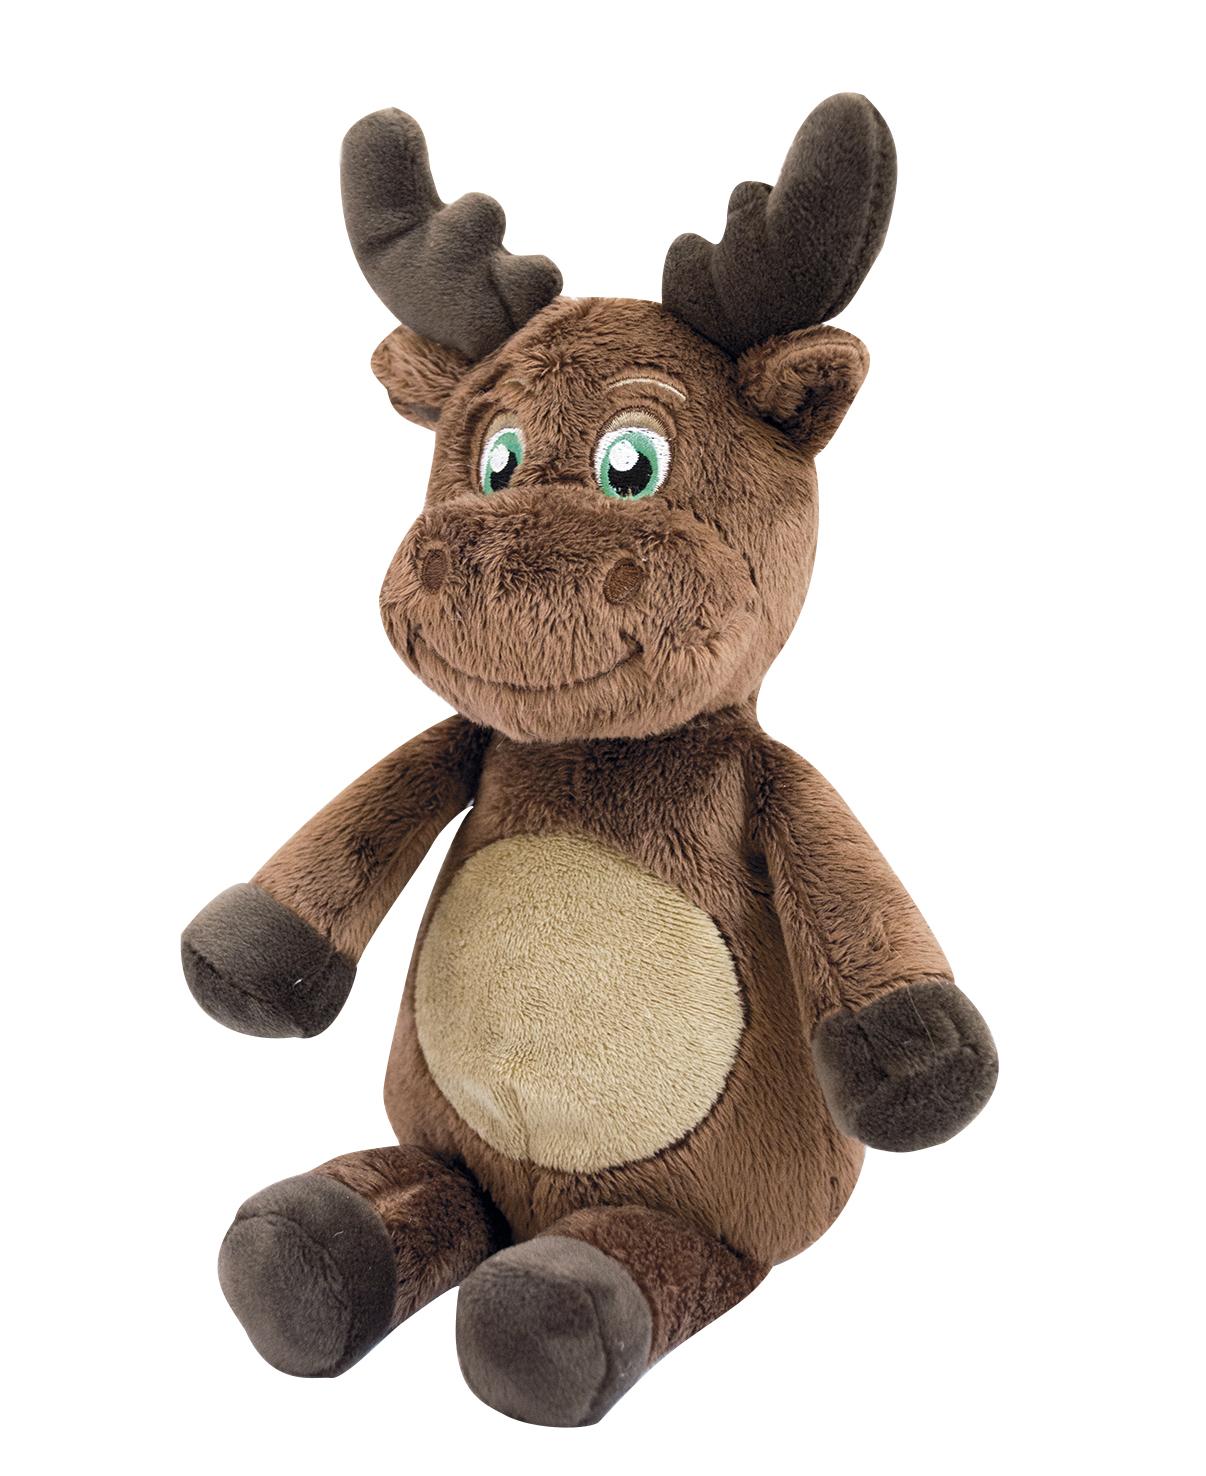 My teddy - lille bamse, elg, 3 stk. på lager fra My teddy fra pixizoo